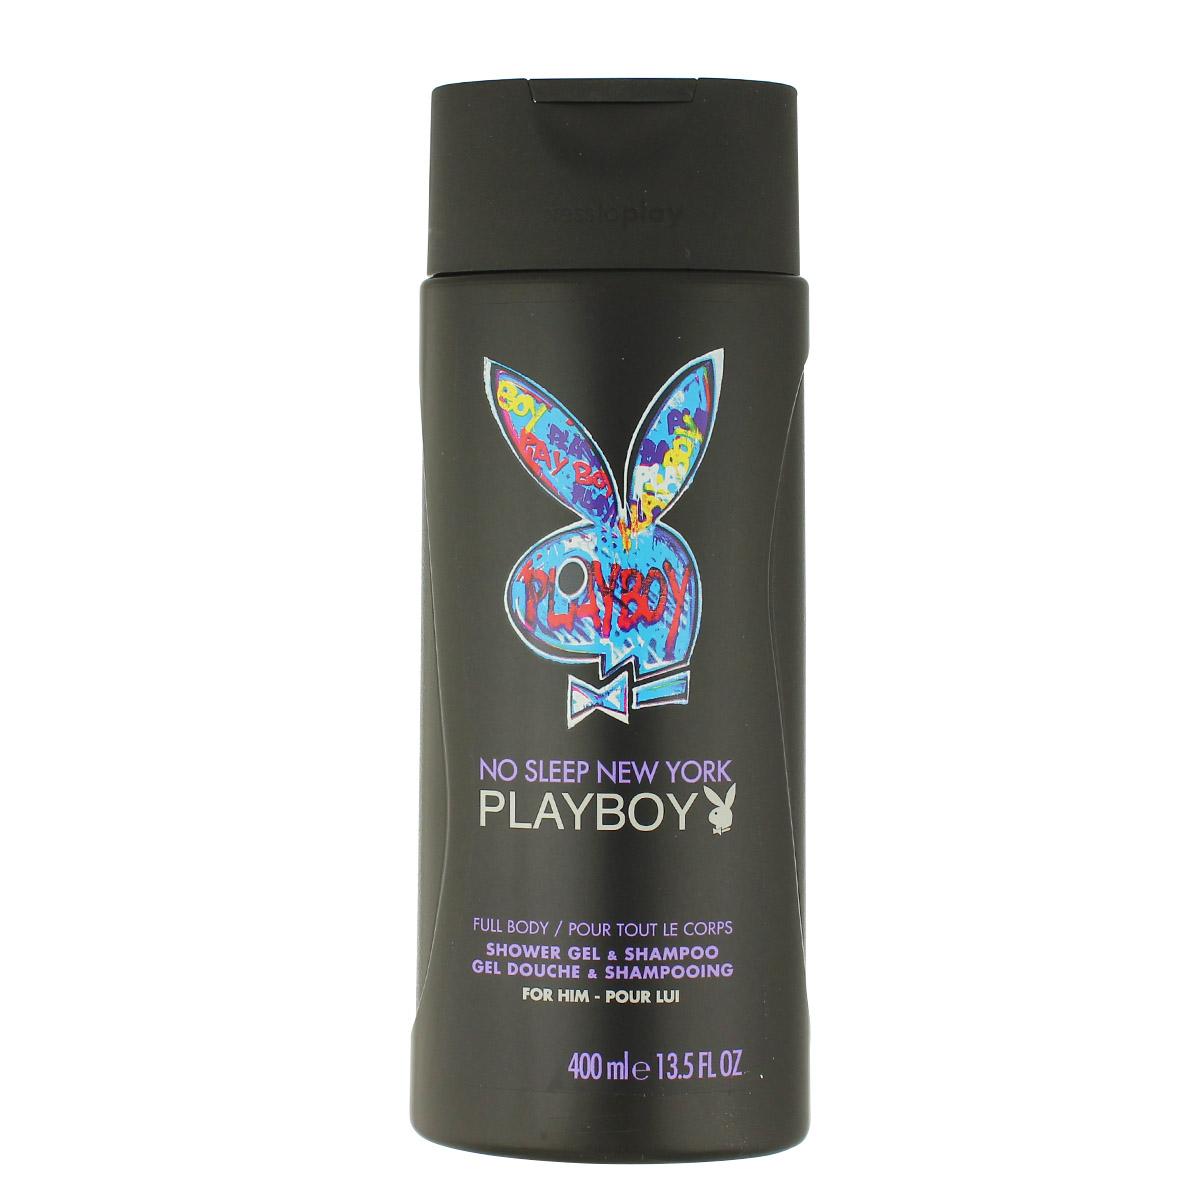 Playboy New York SG 400 ml M